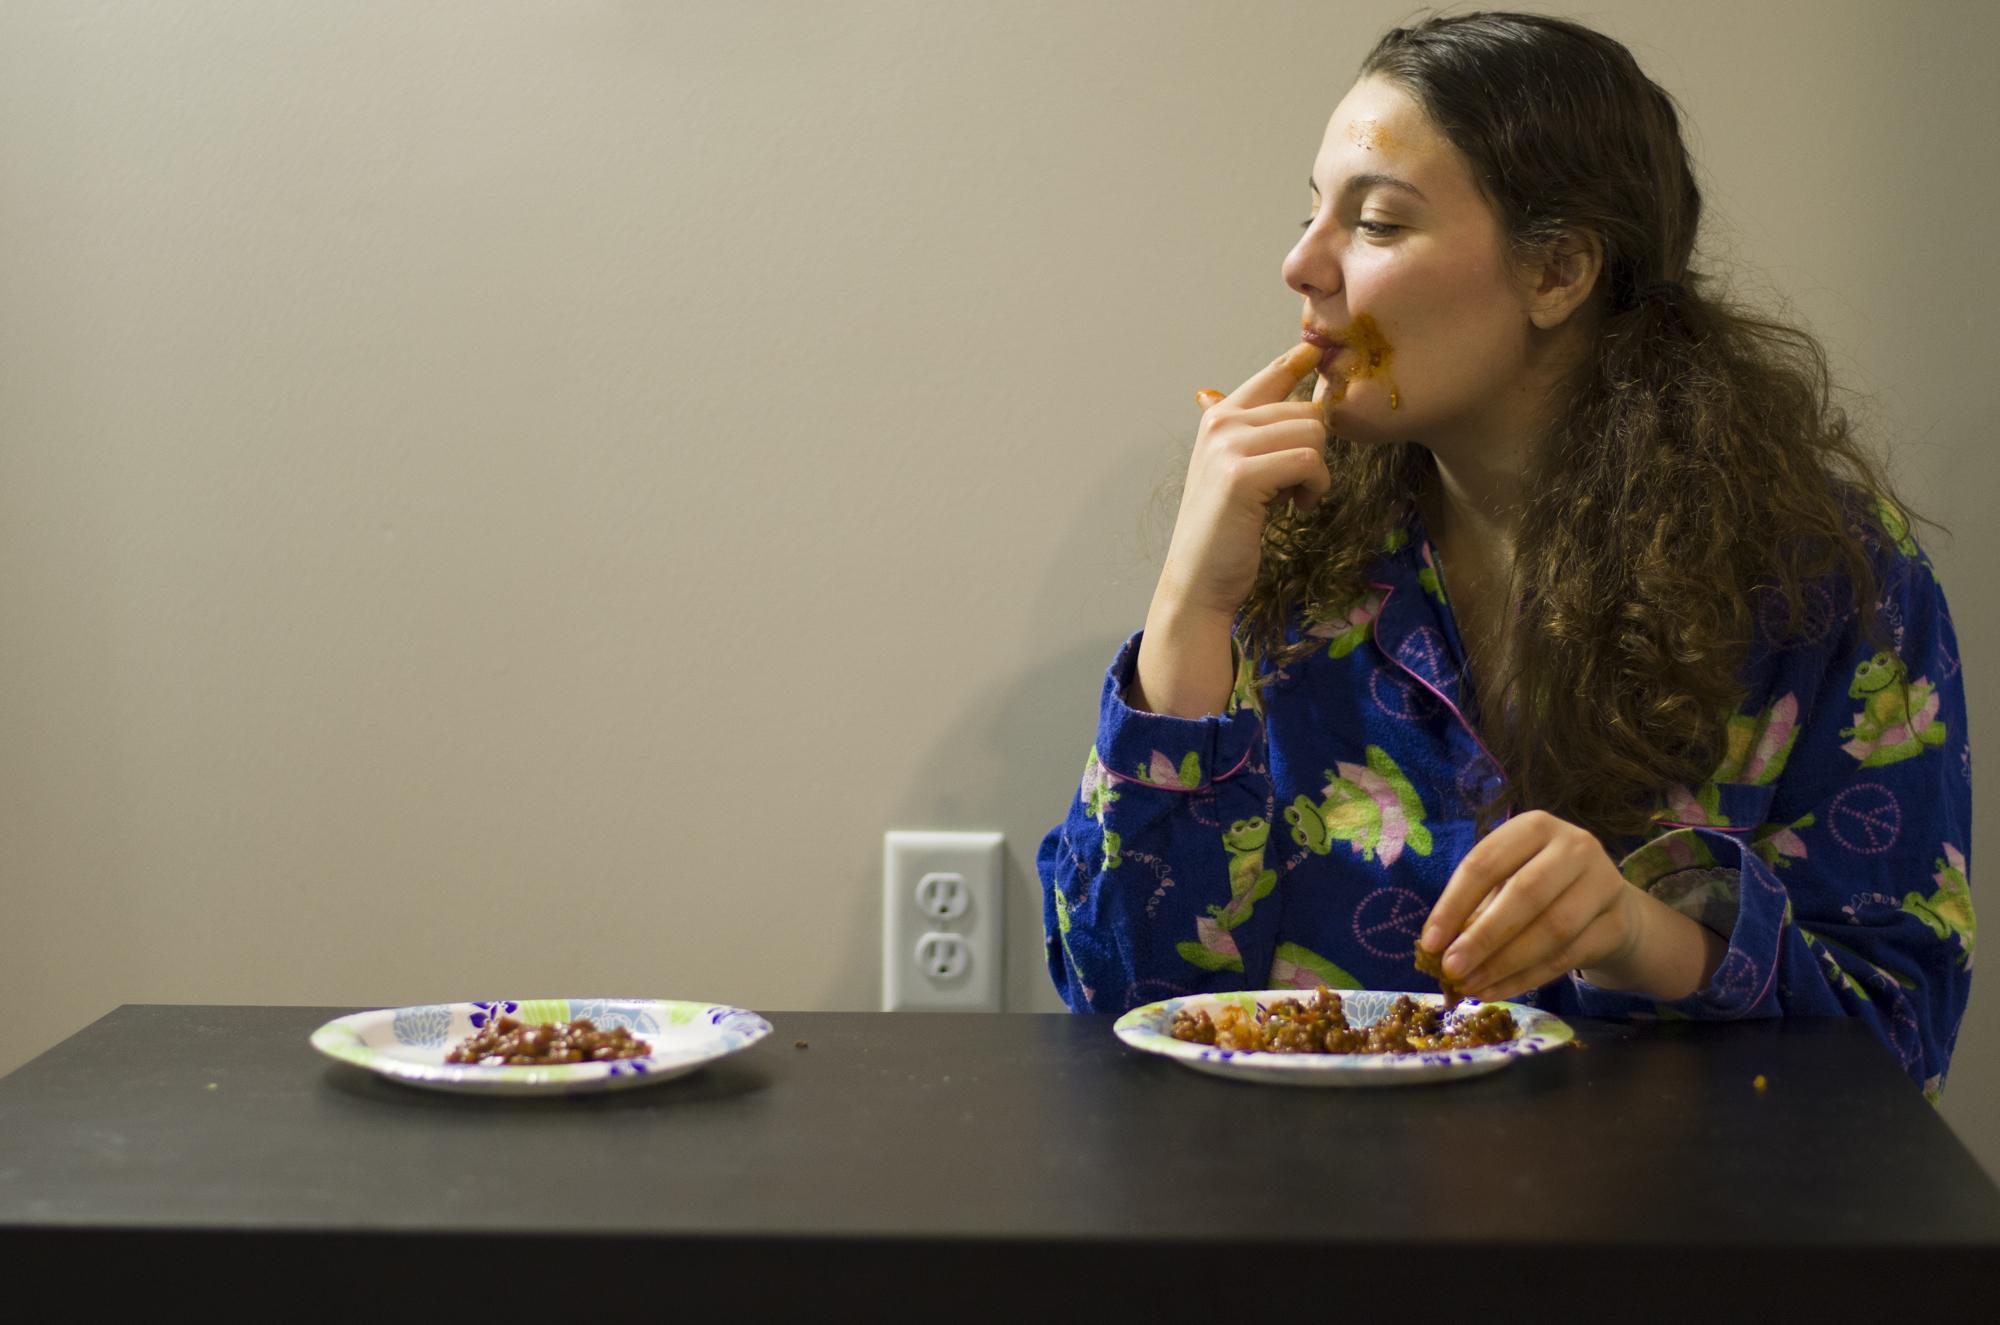 Dinner with Heidi, 2018